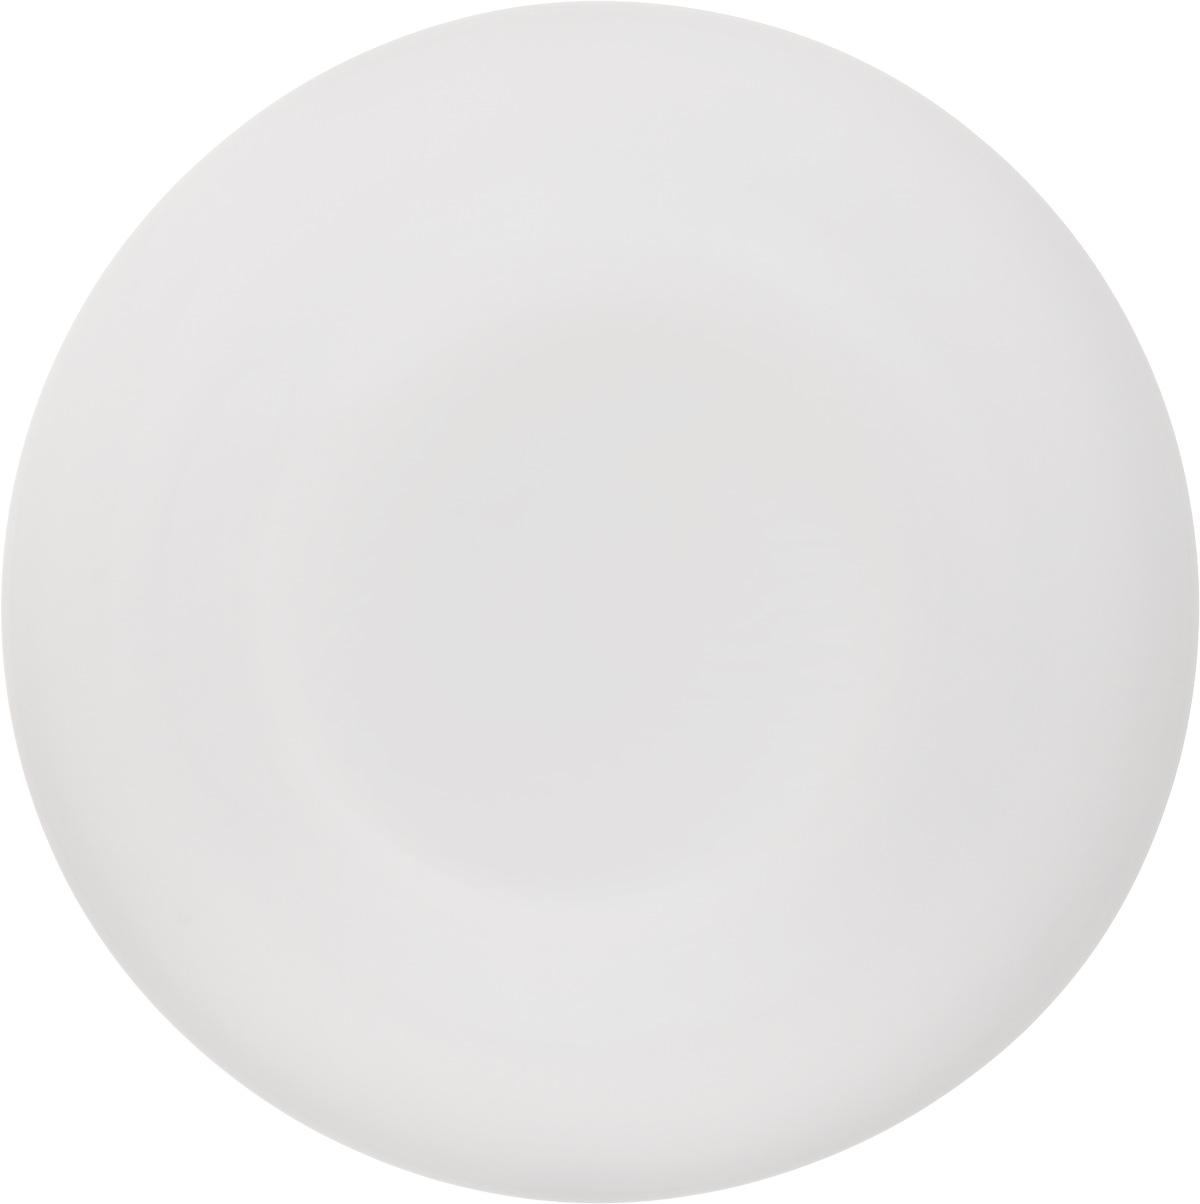 Тарелка обеденная Luminarc Olax, диаметр 25 смL1354Обеденная тарелка Luminarc Olax изготовлена из ударопрочного стекла белого цвета. Дизайн придется по вкусу и ценителям классики, и тем, кто предпочитает утонченность. Тарелка Luminarc Olax идеально подойдет для сервировки вторых блюд из птицы, рыбы, мяса или овощей, а также станет отличным подарком к любому празднику. Диаметр тарелки (по верхнему краю): 25 см.